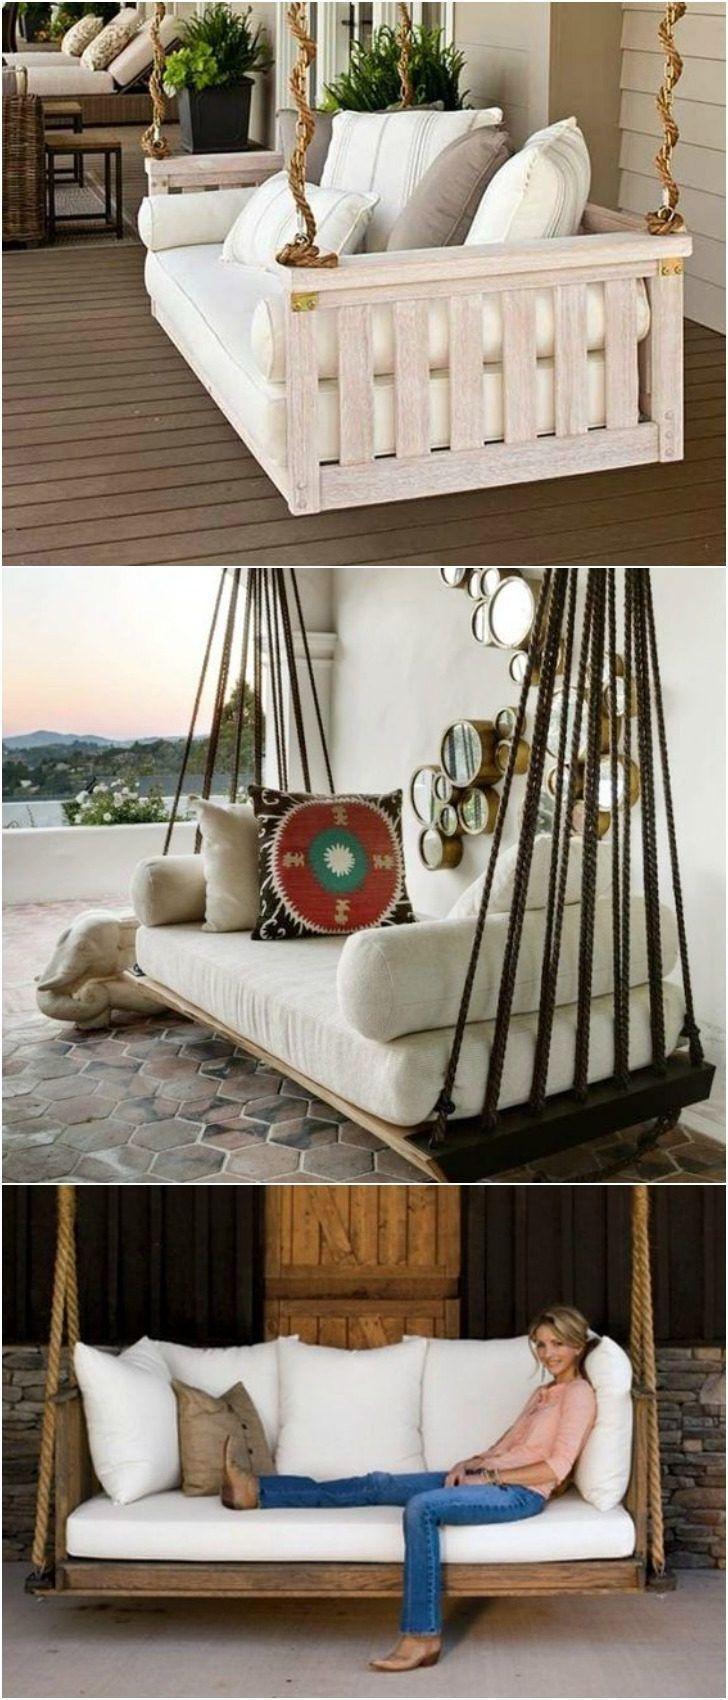 Hängebett selber bauen: 44 DIY Ideen für Bett aus Paletten im Garten ...